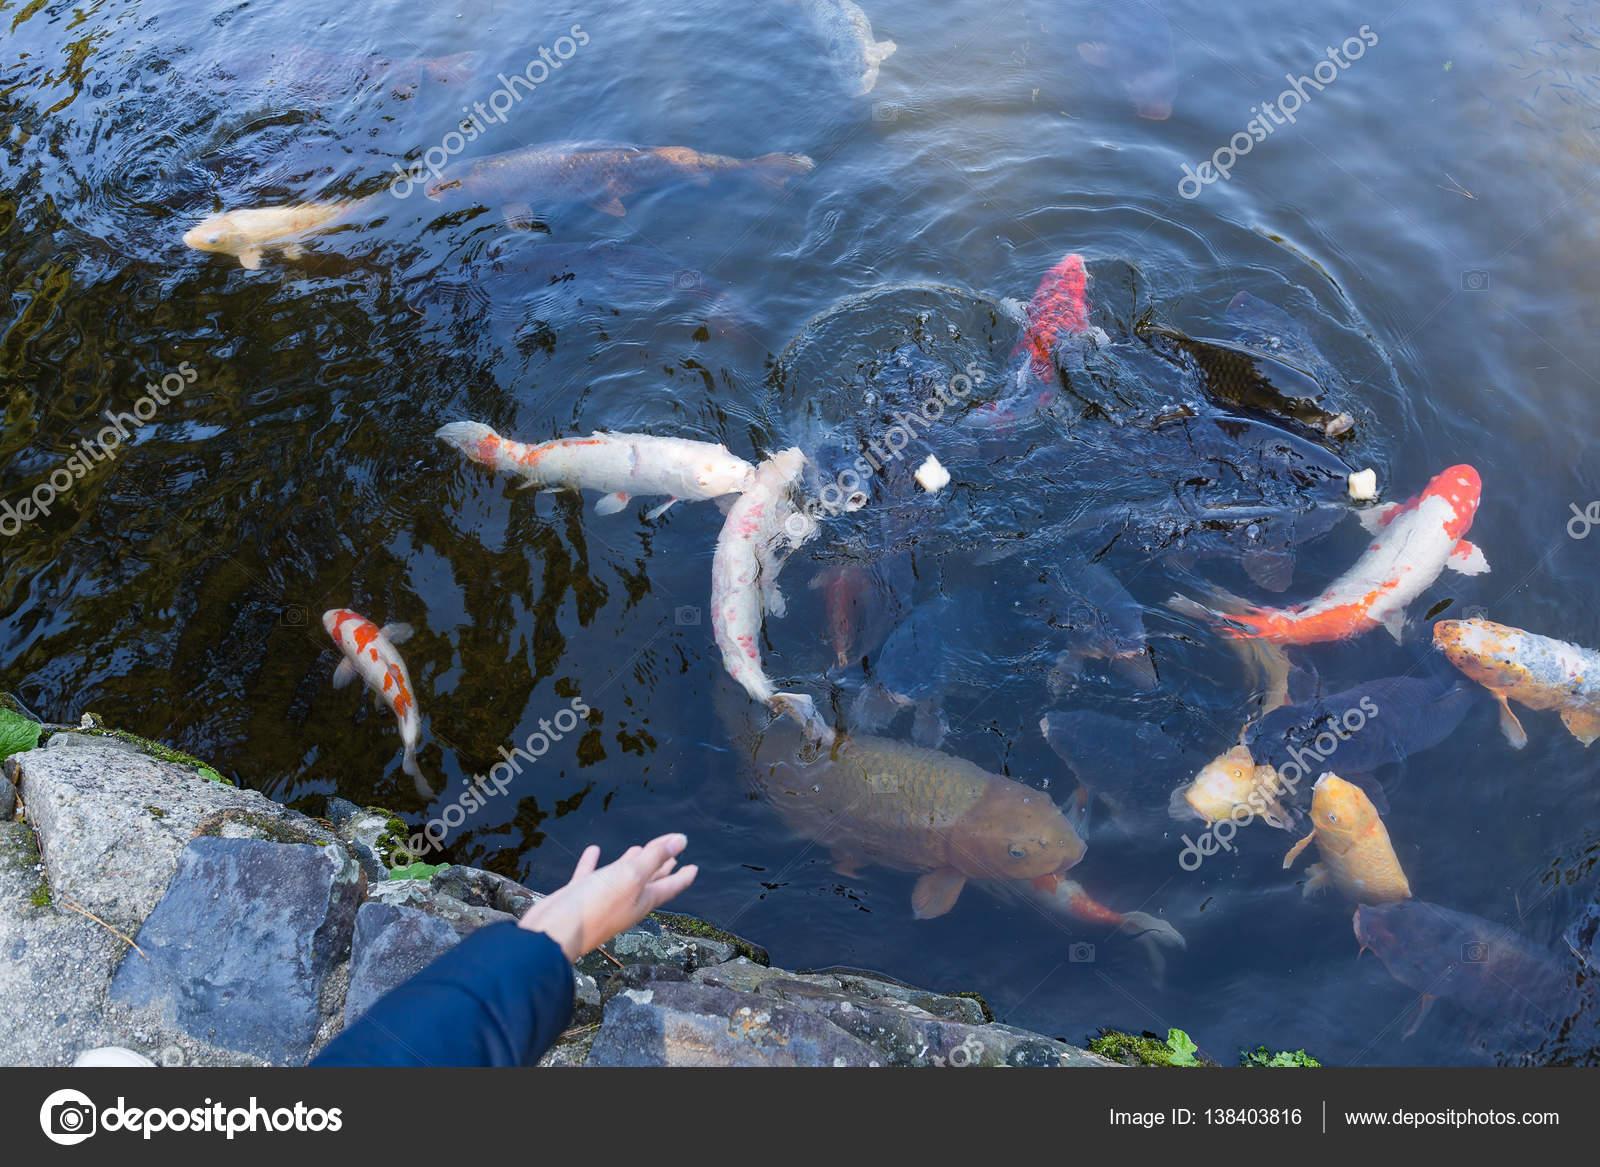 alimentacin de los peces en estanque koi u imagen de archivo